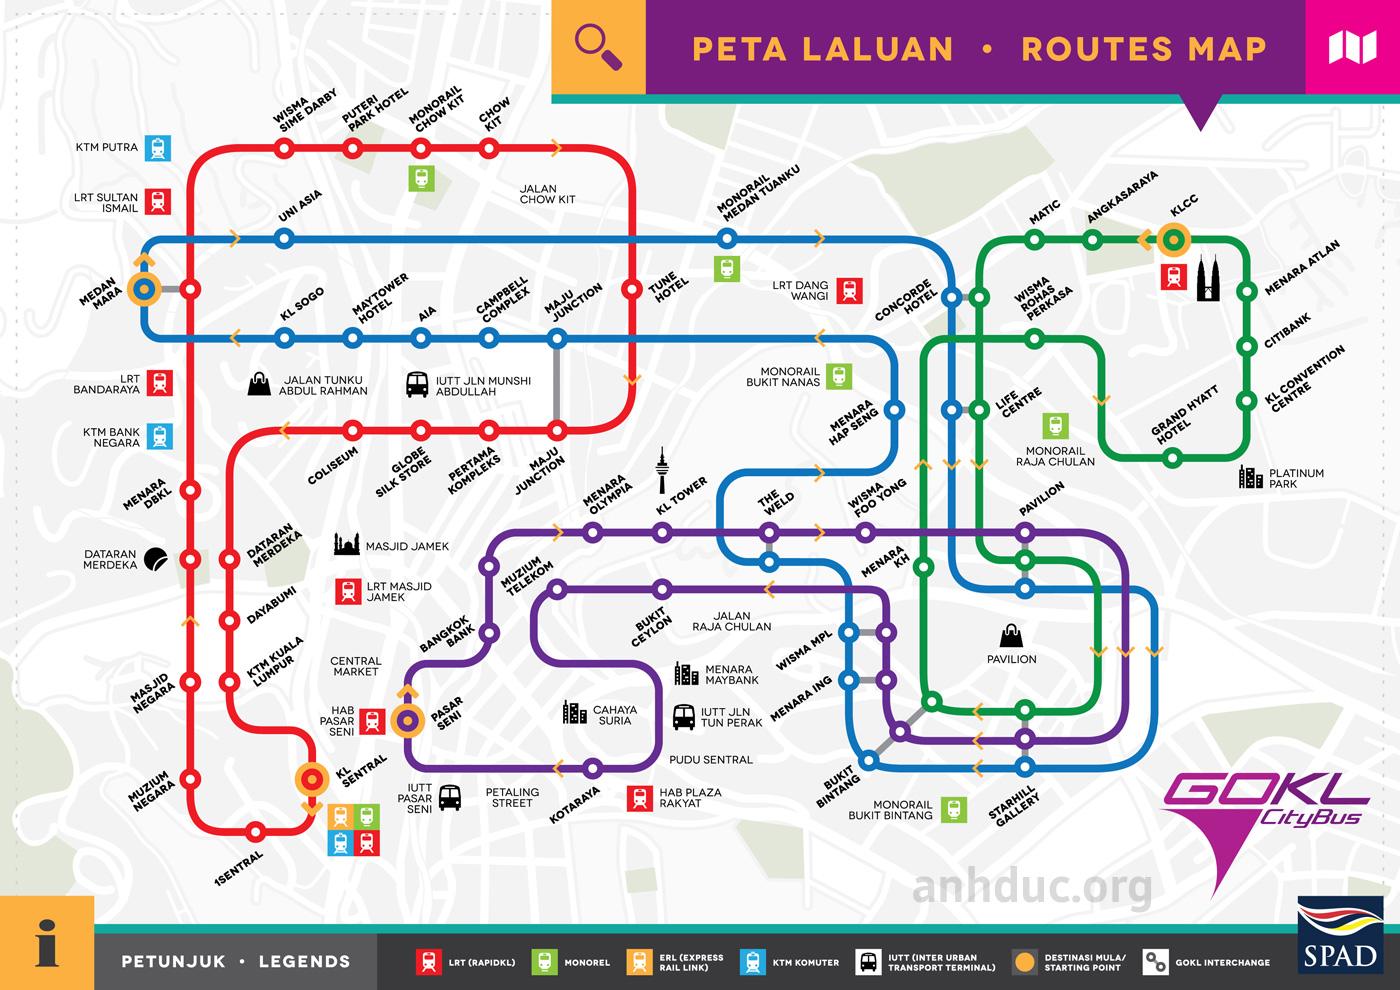 Bản đồ xe bus miến phí GOKL ở Kula Lumpur